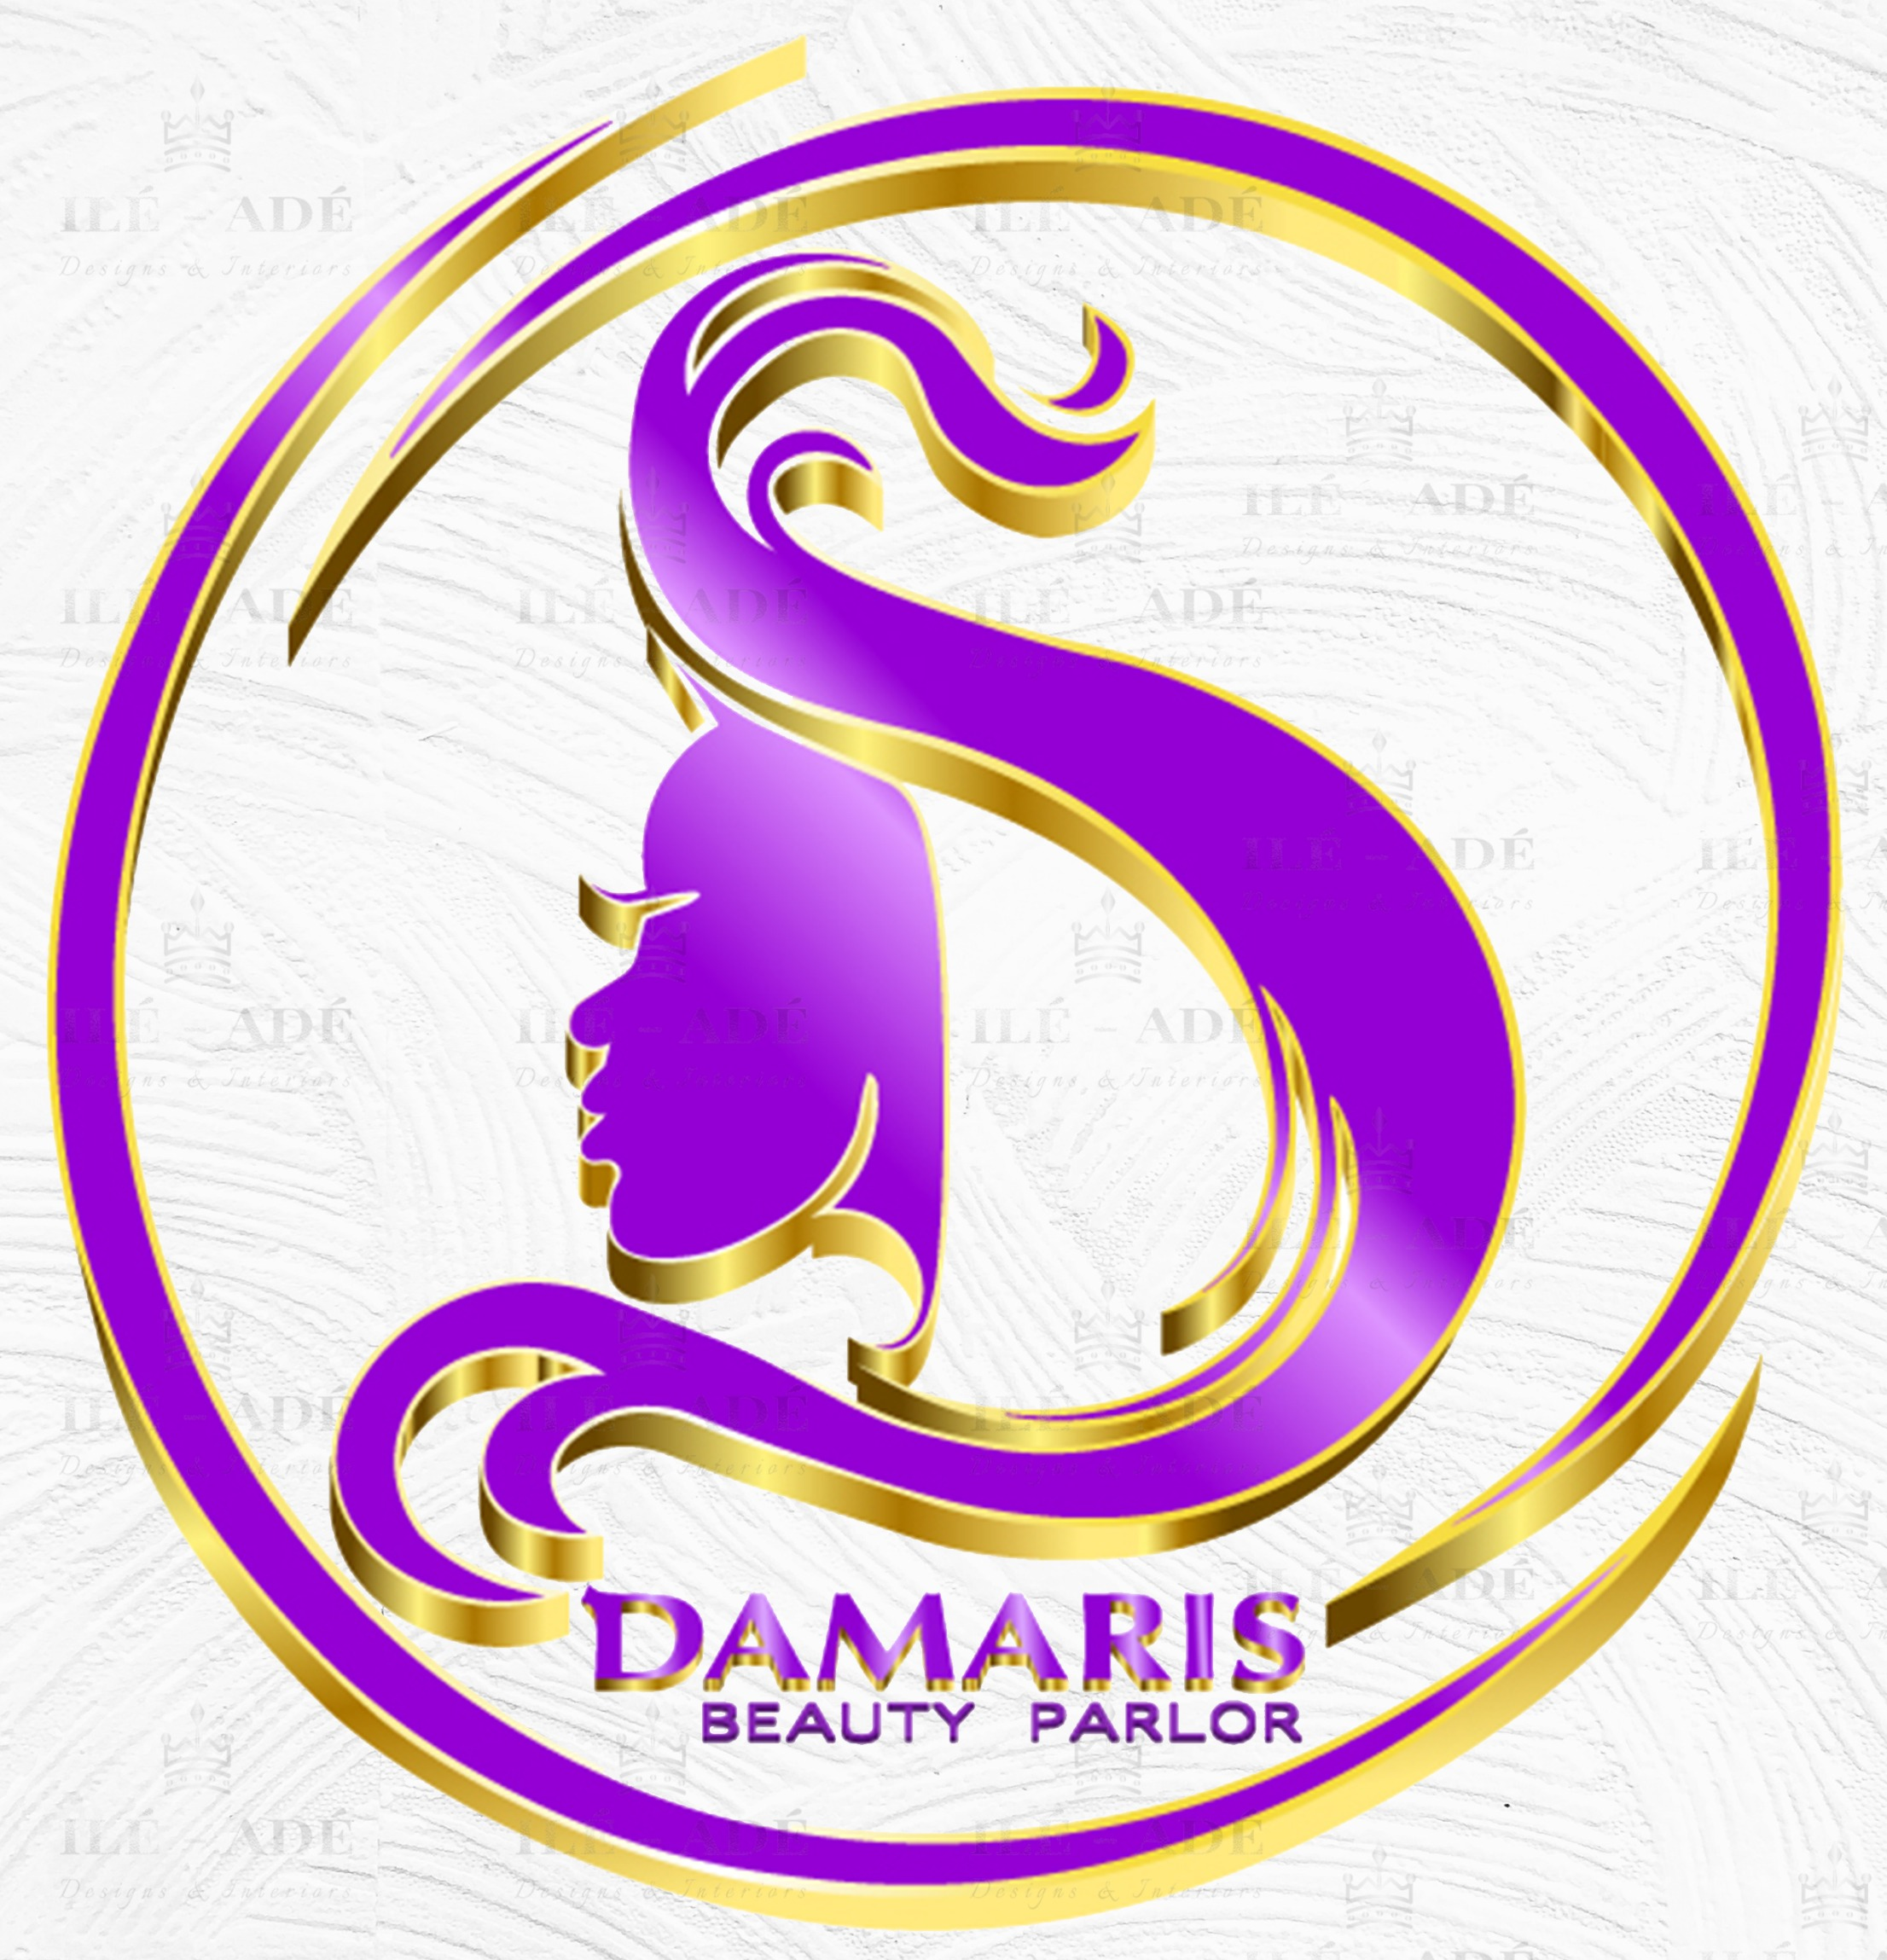 Damaris_edited